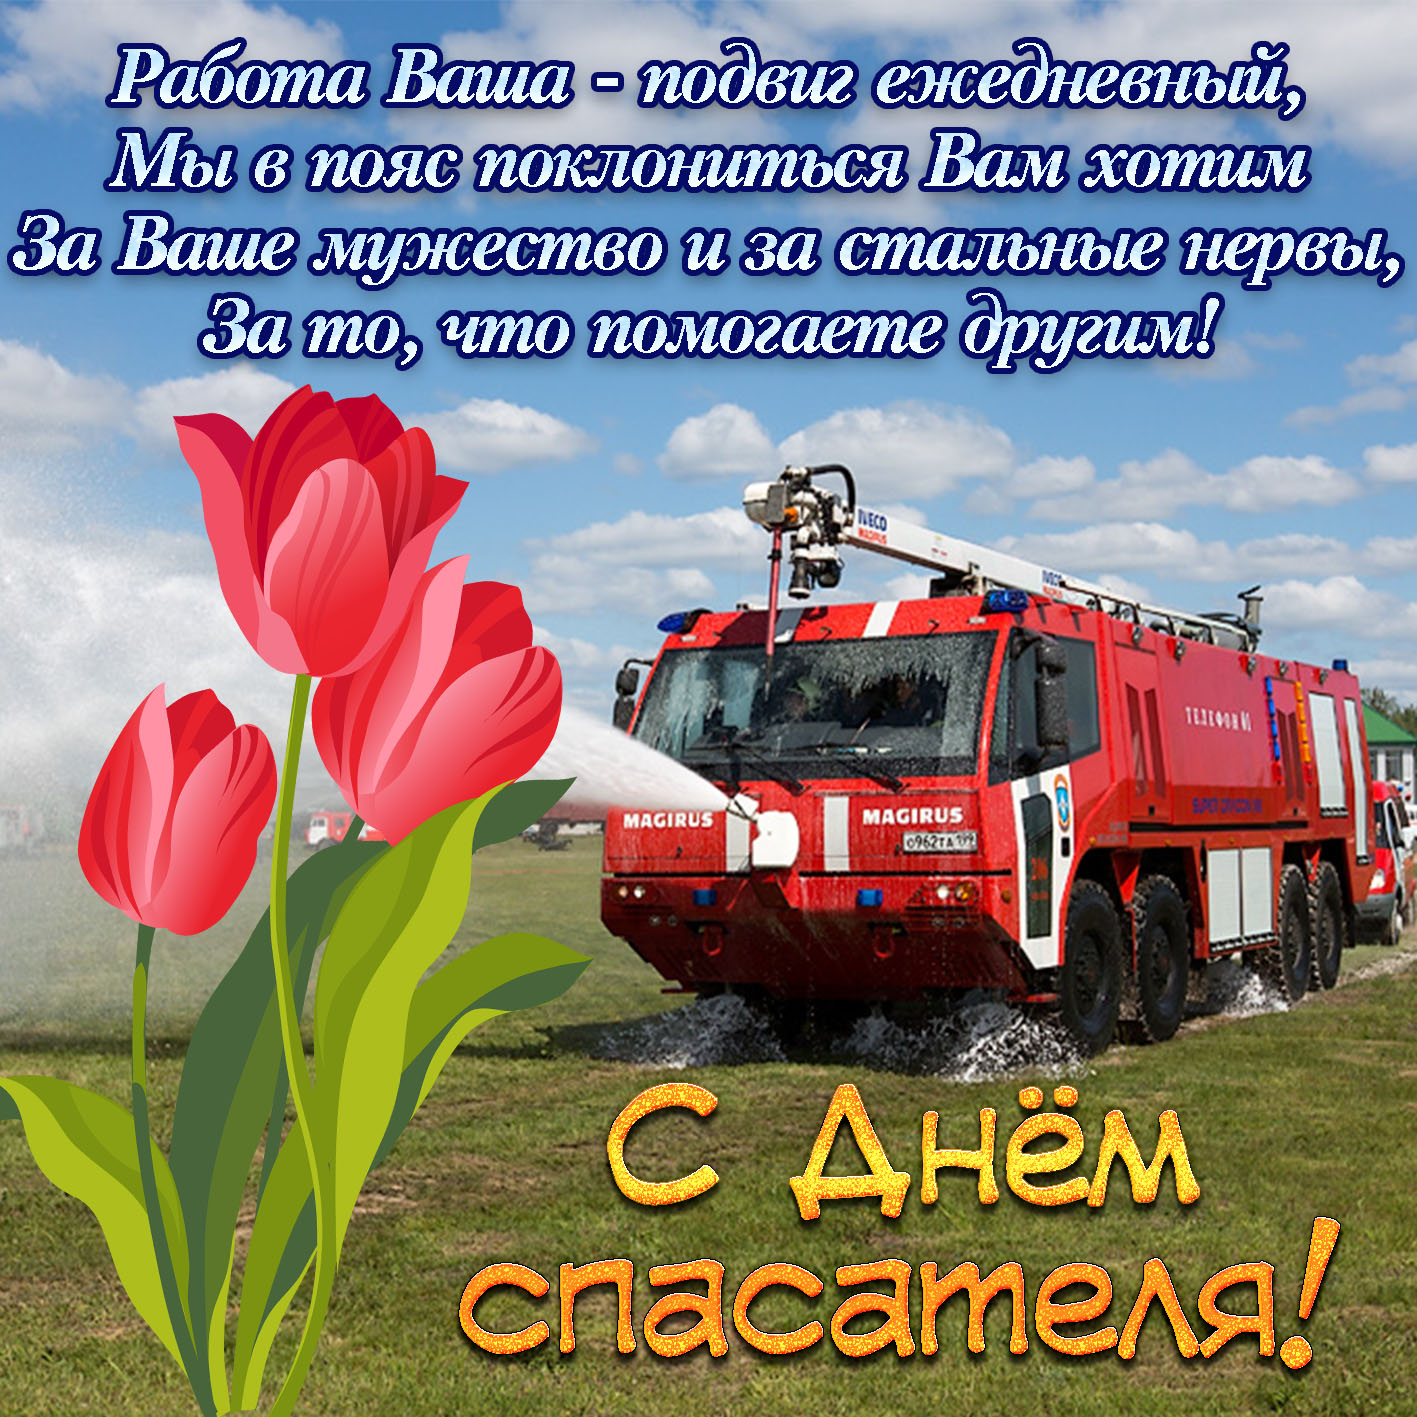 День работников, картинки с поздравлением пожарной